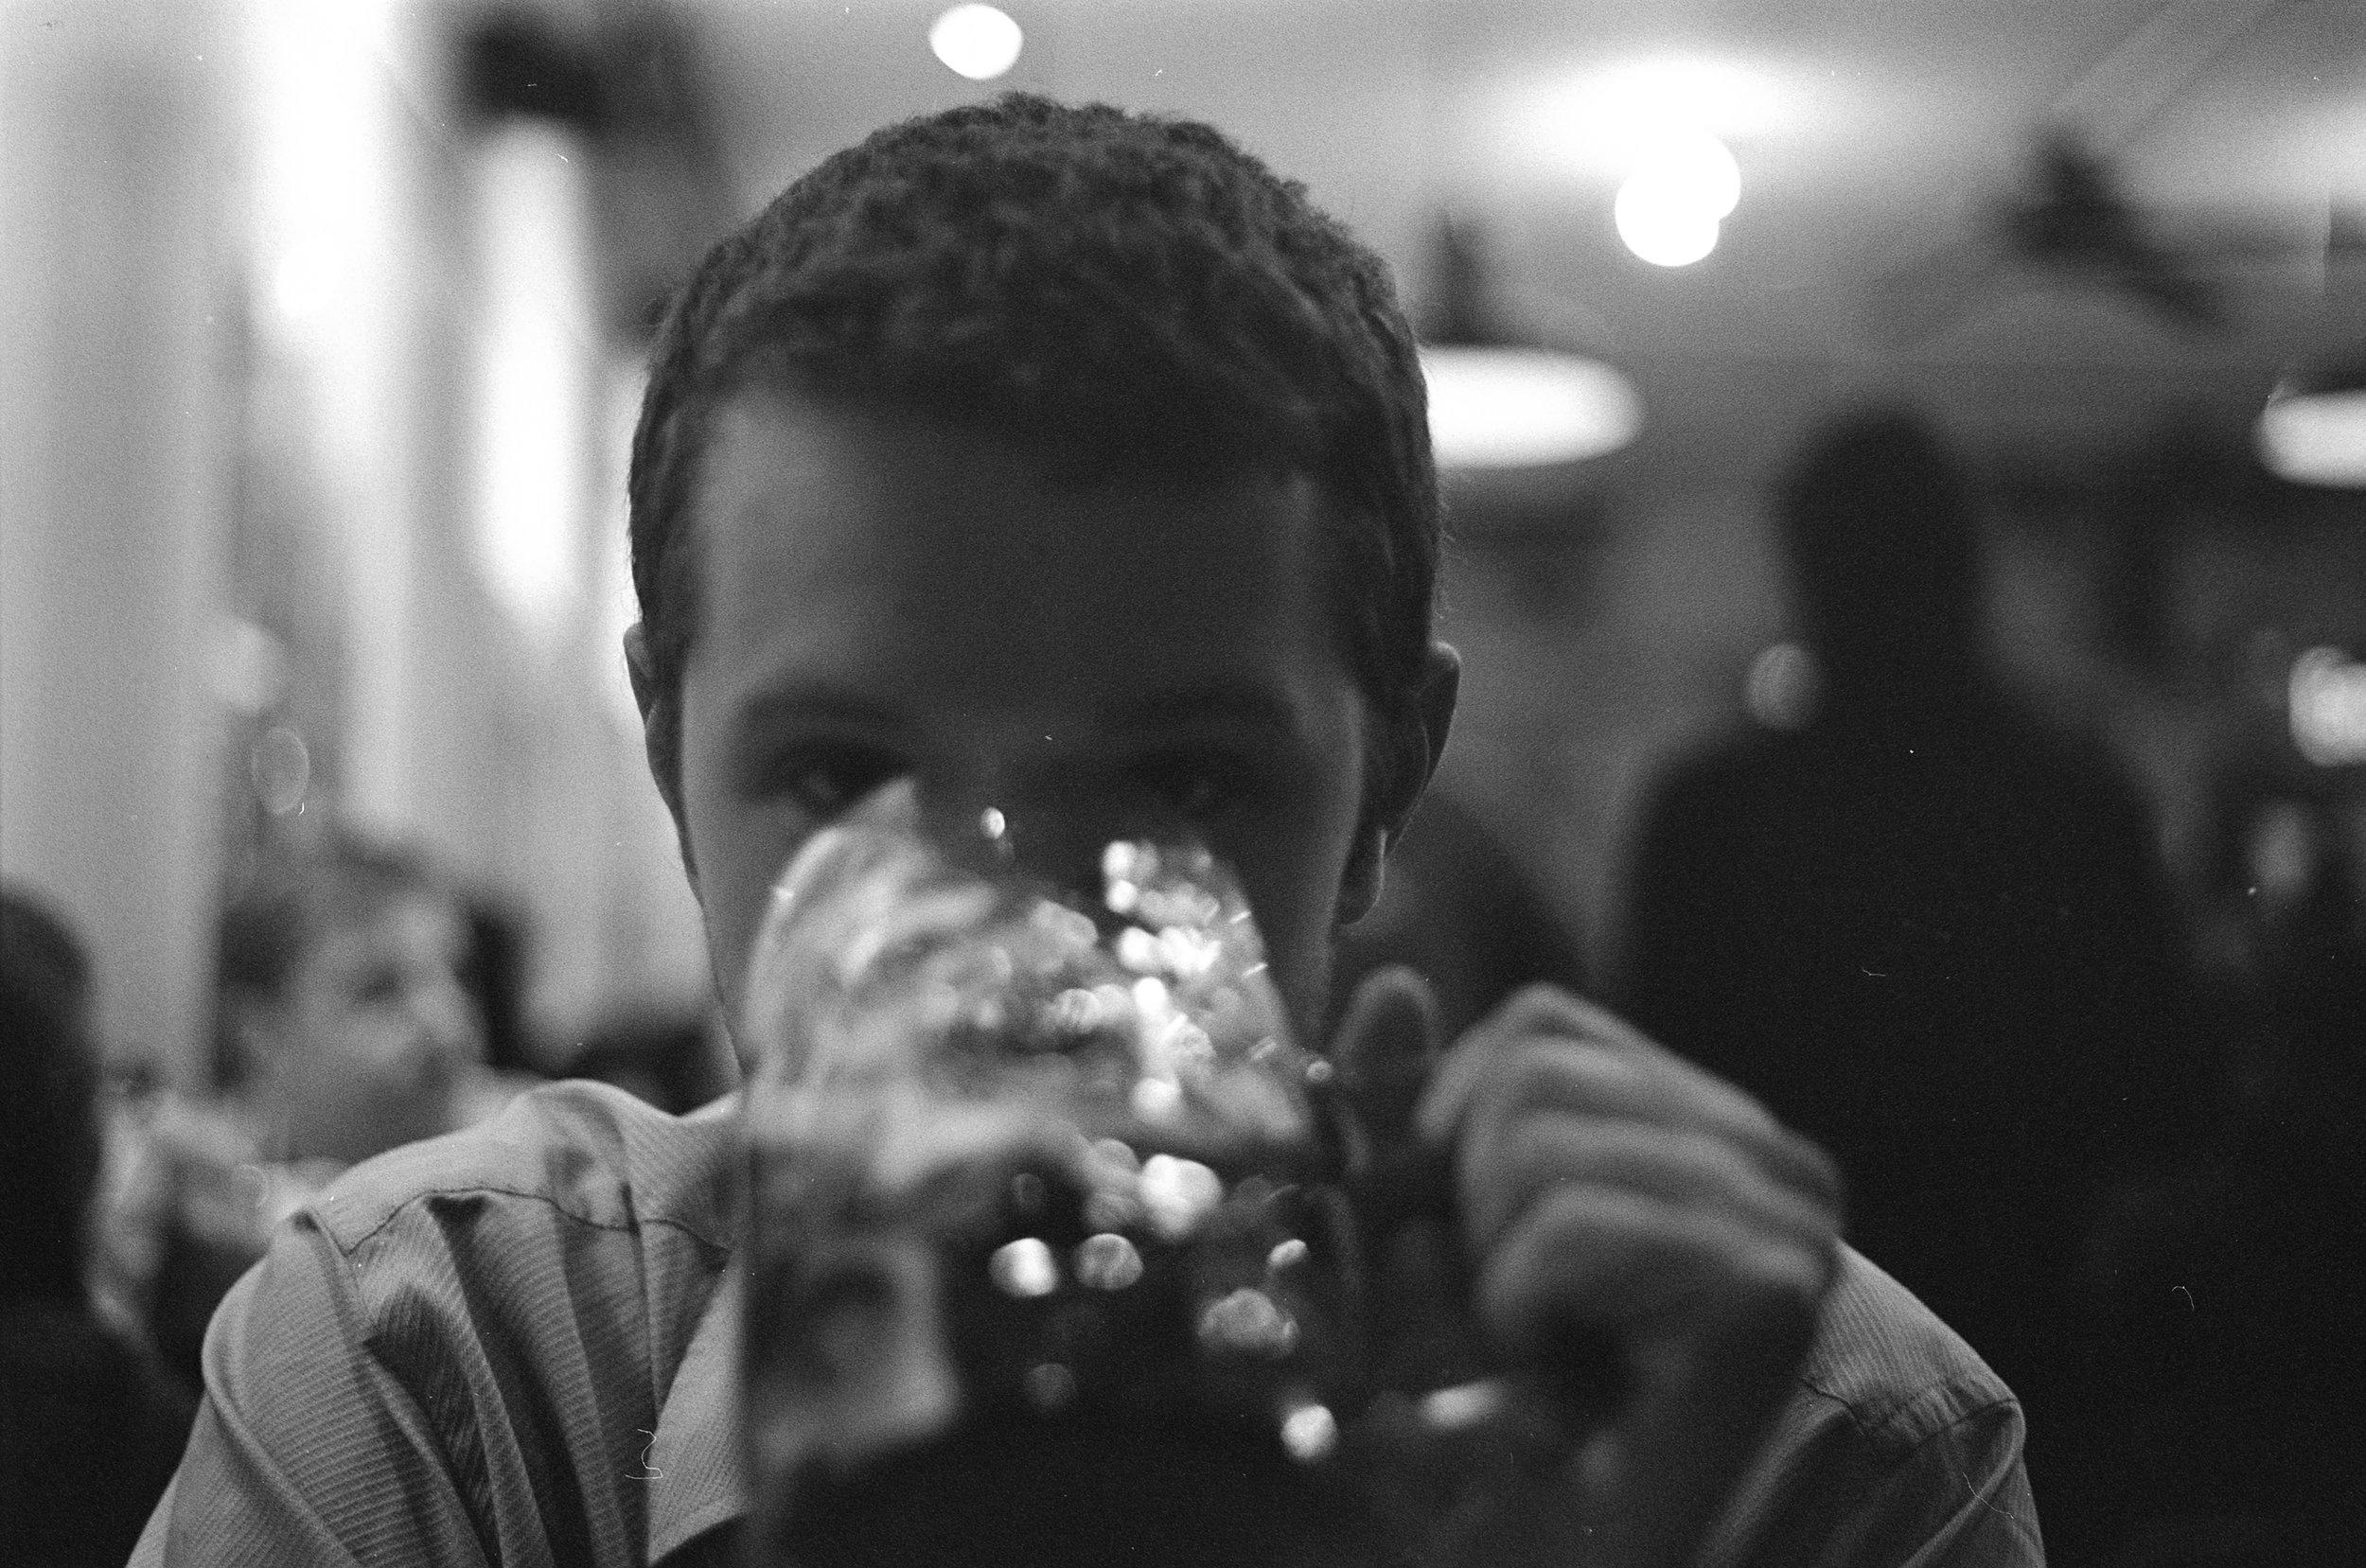 35mm Film - 00659 - Chris Goetchius 2017.jpg